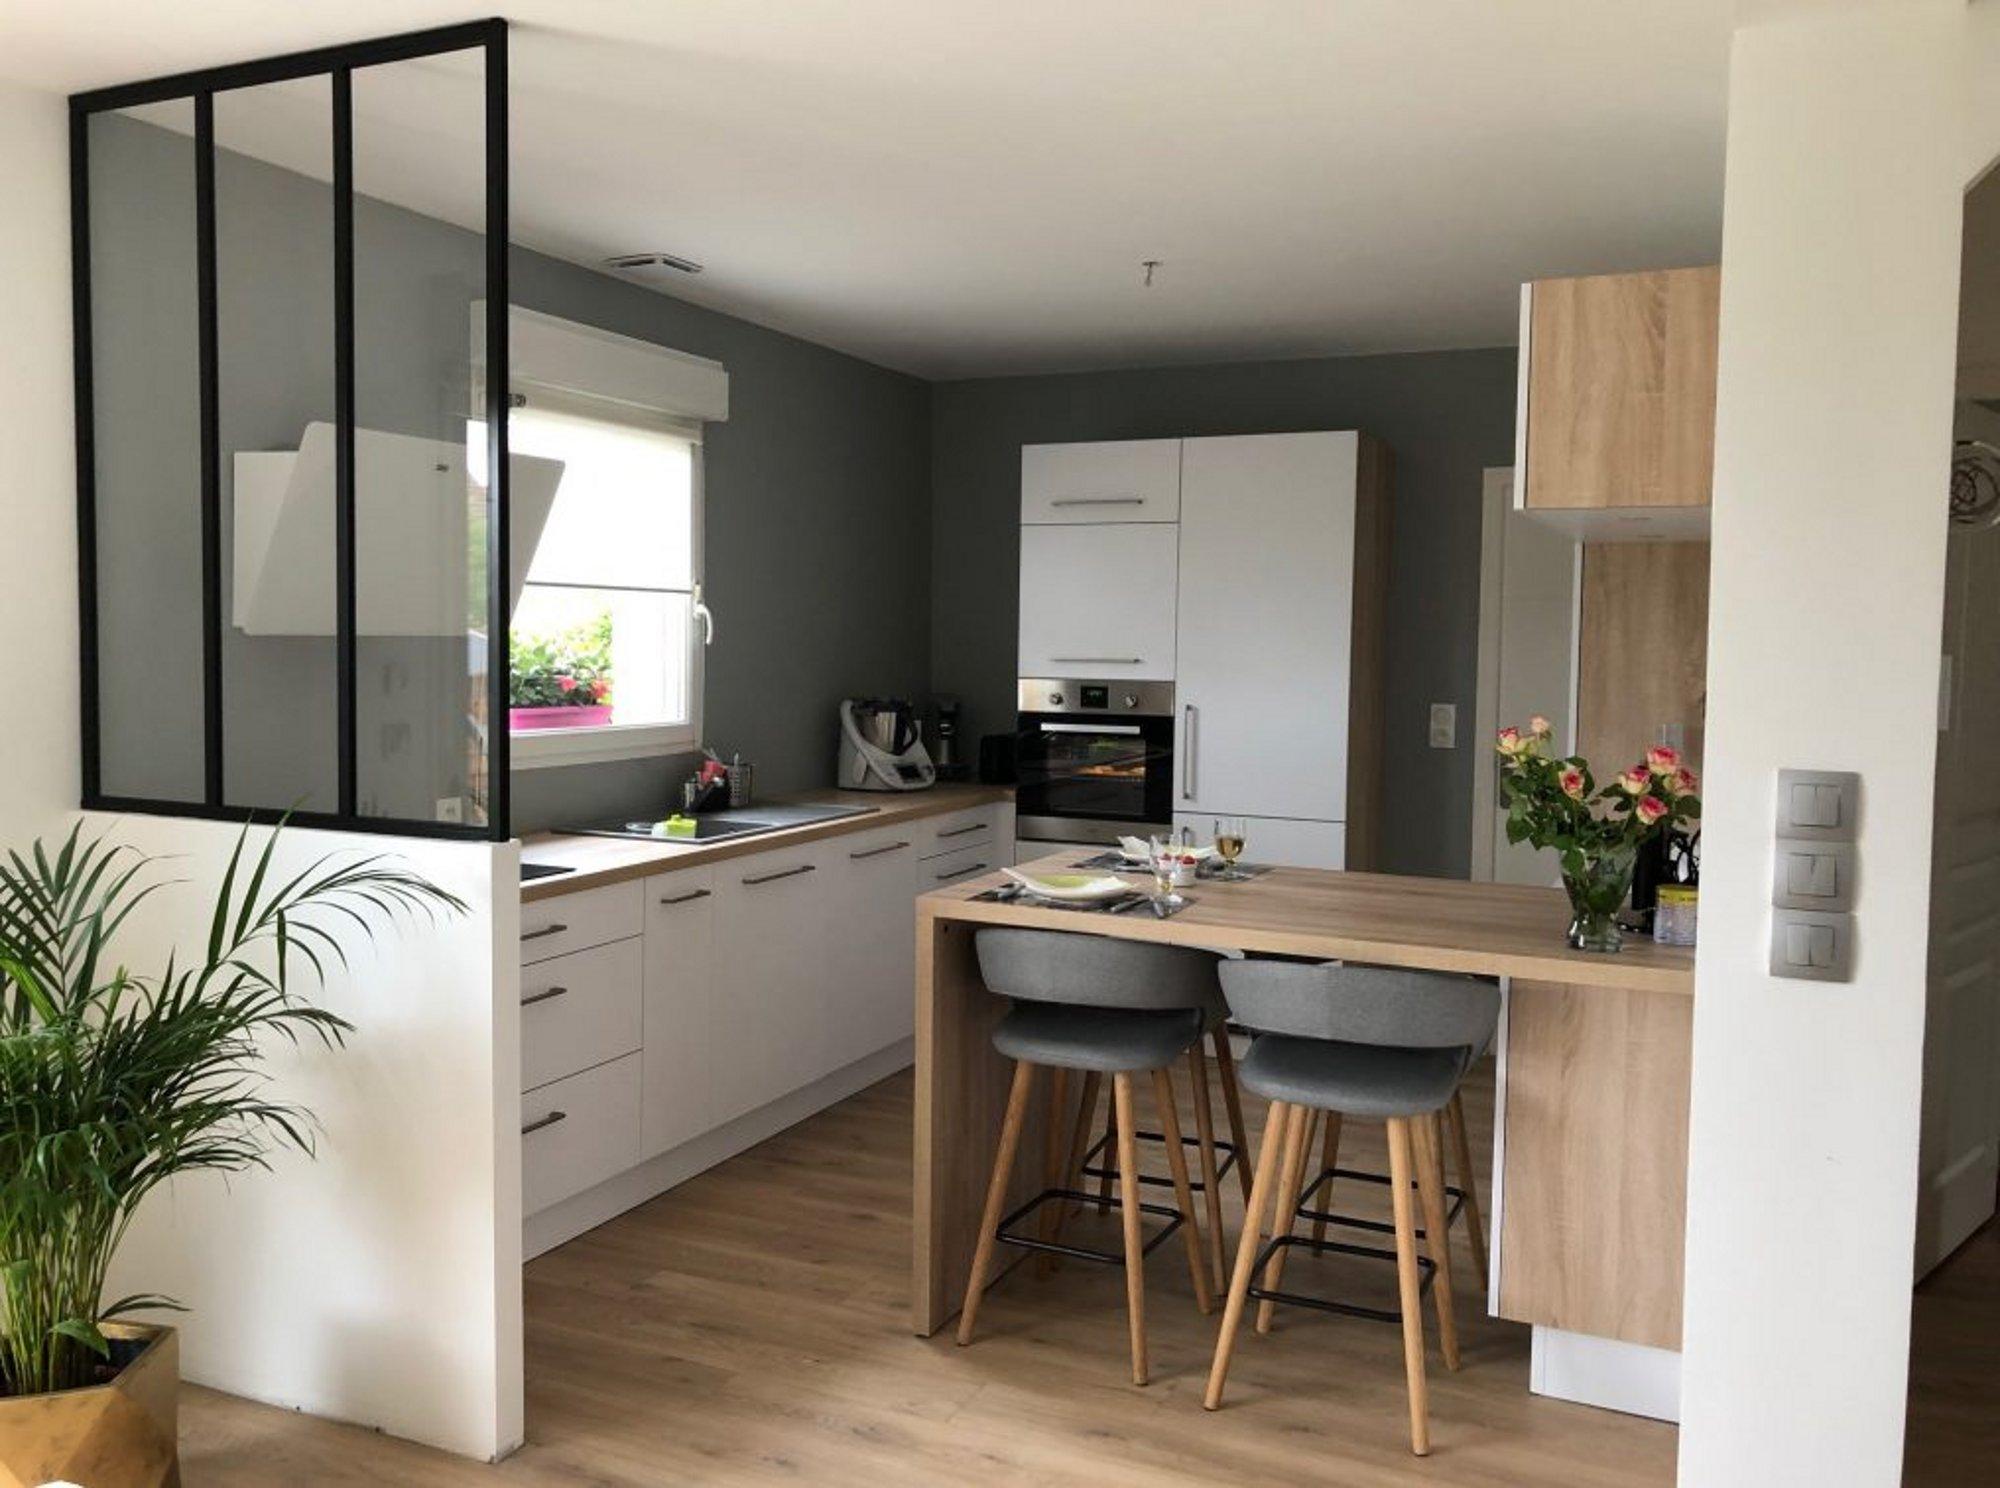 Moderniser sa cuisine avec une verrière - COMERA Cuisines